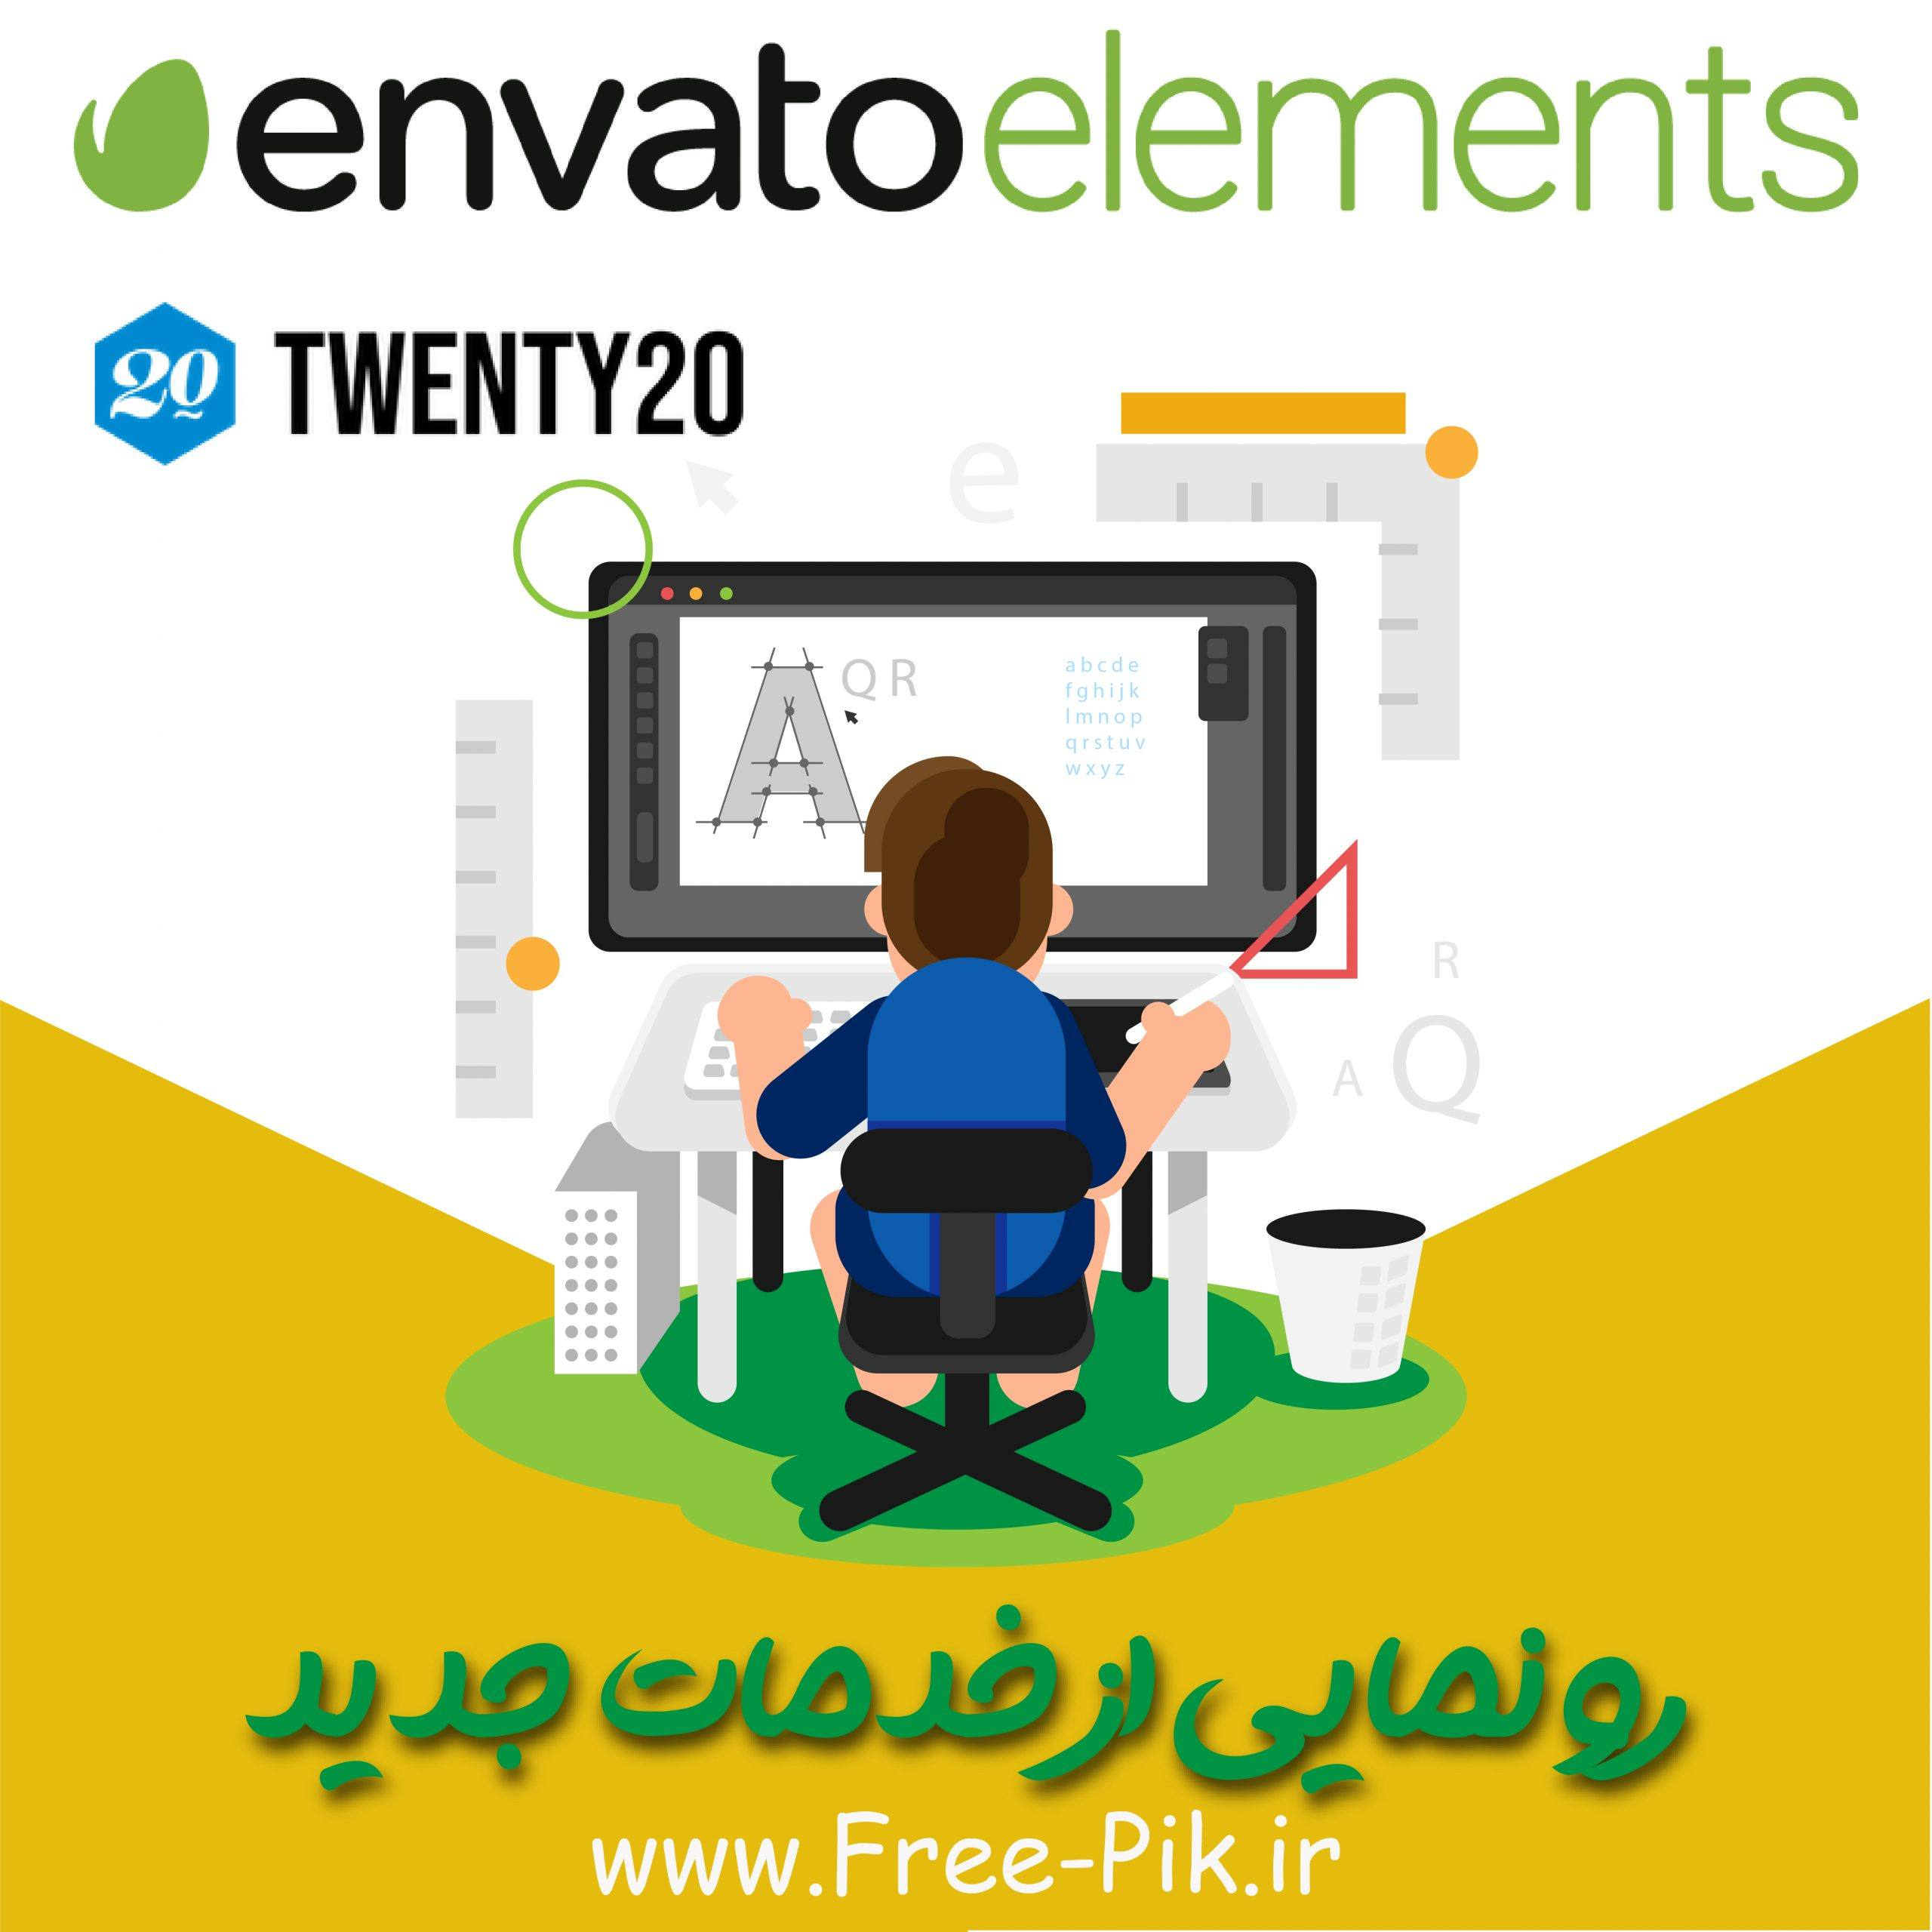 خرید از سایت اینوتو twenty20.com و envato.elements.com